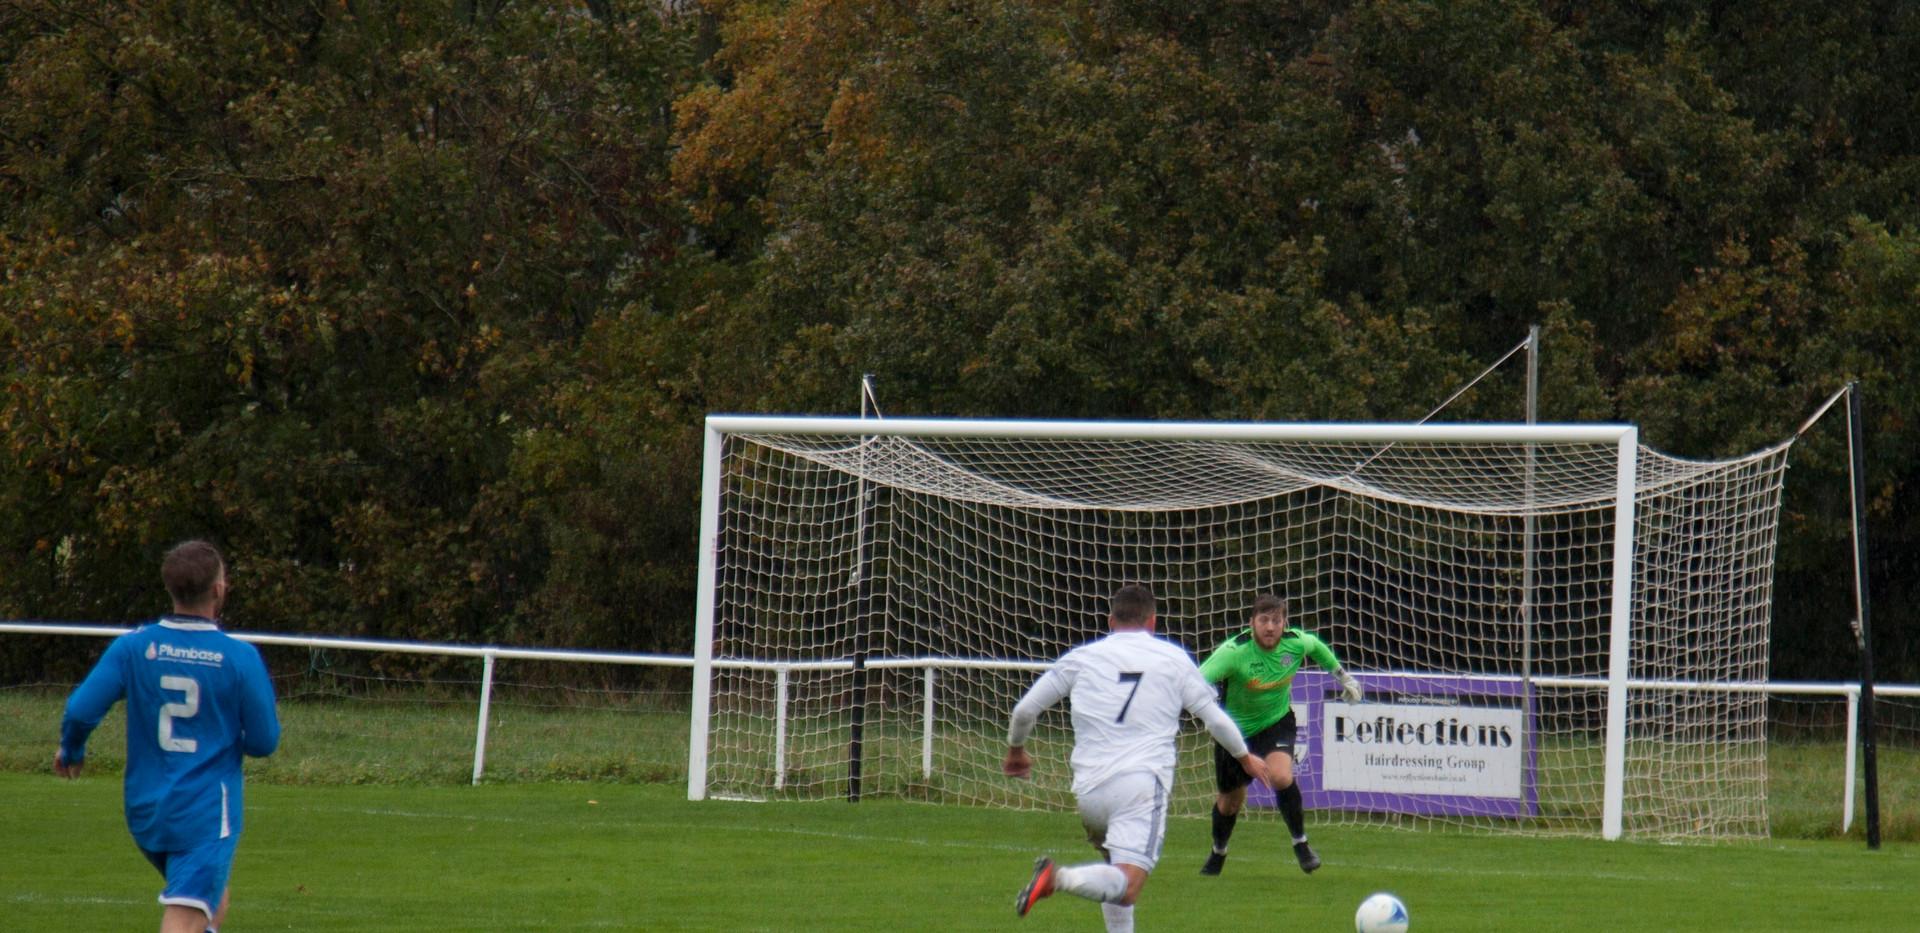 Nailsea & Tickenham FC